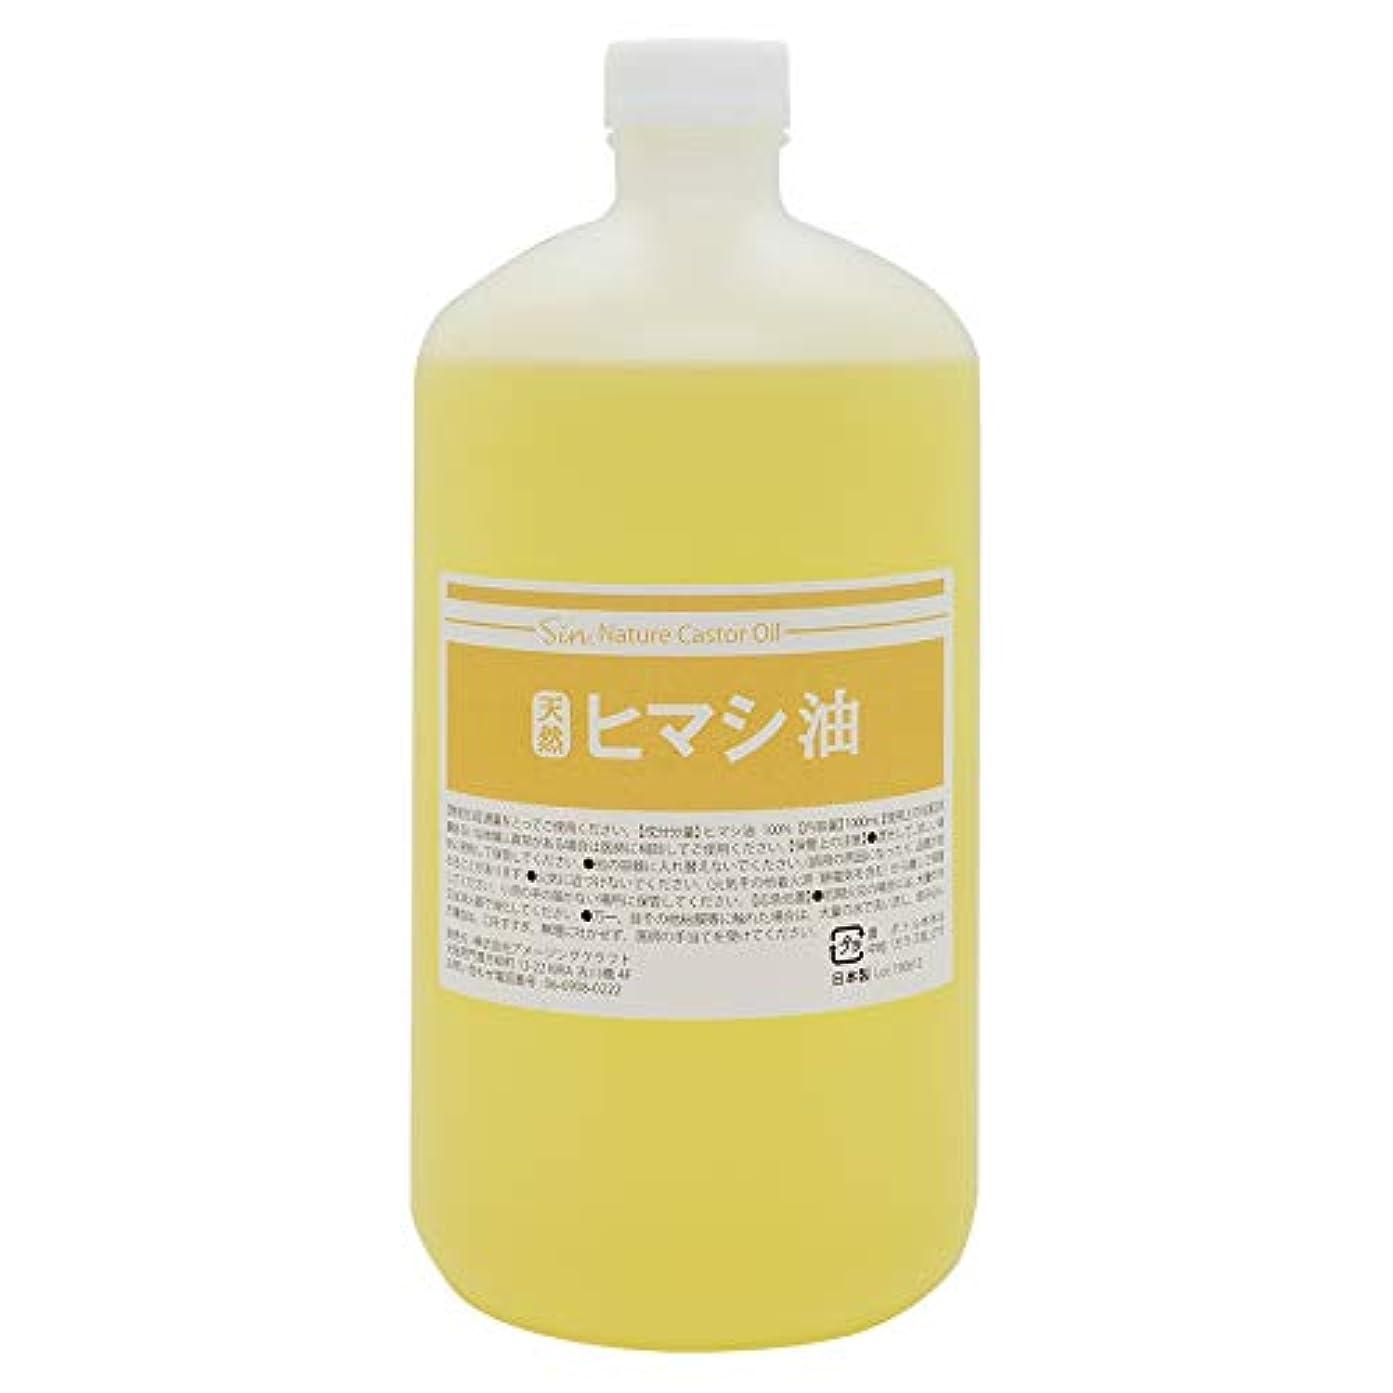 破産特殊横天然無添加 国内精製 ひまし油 1000ml (ヒマシ油 キャスターオイル)